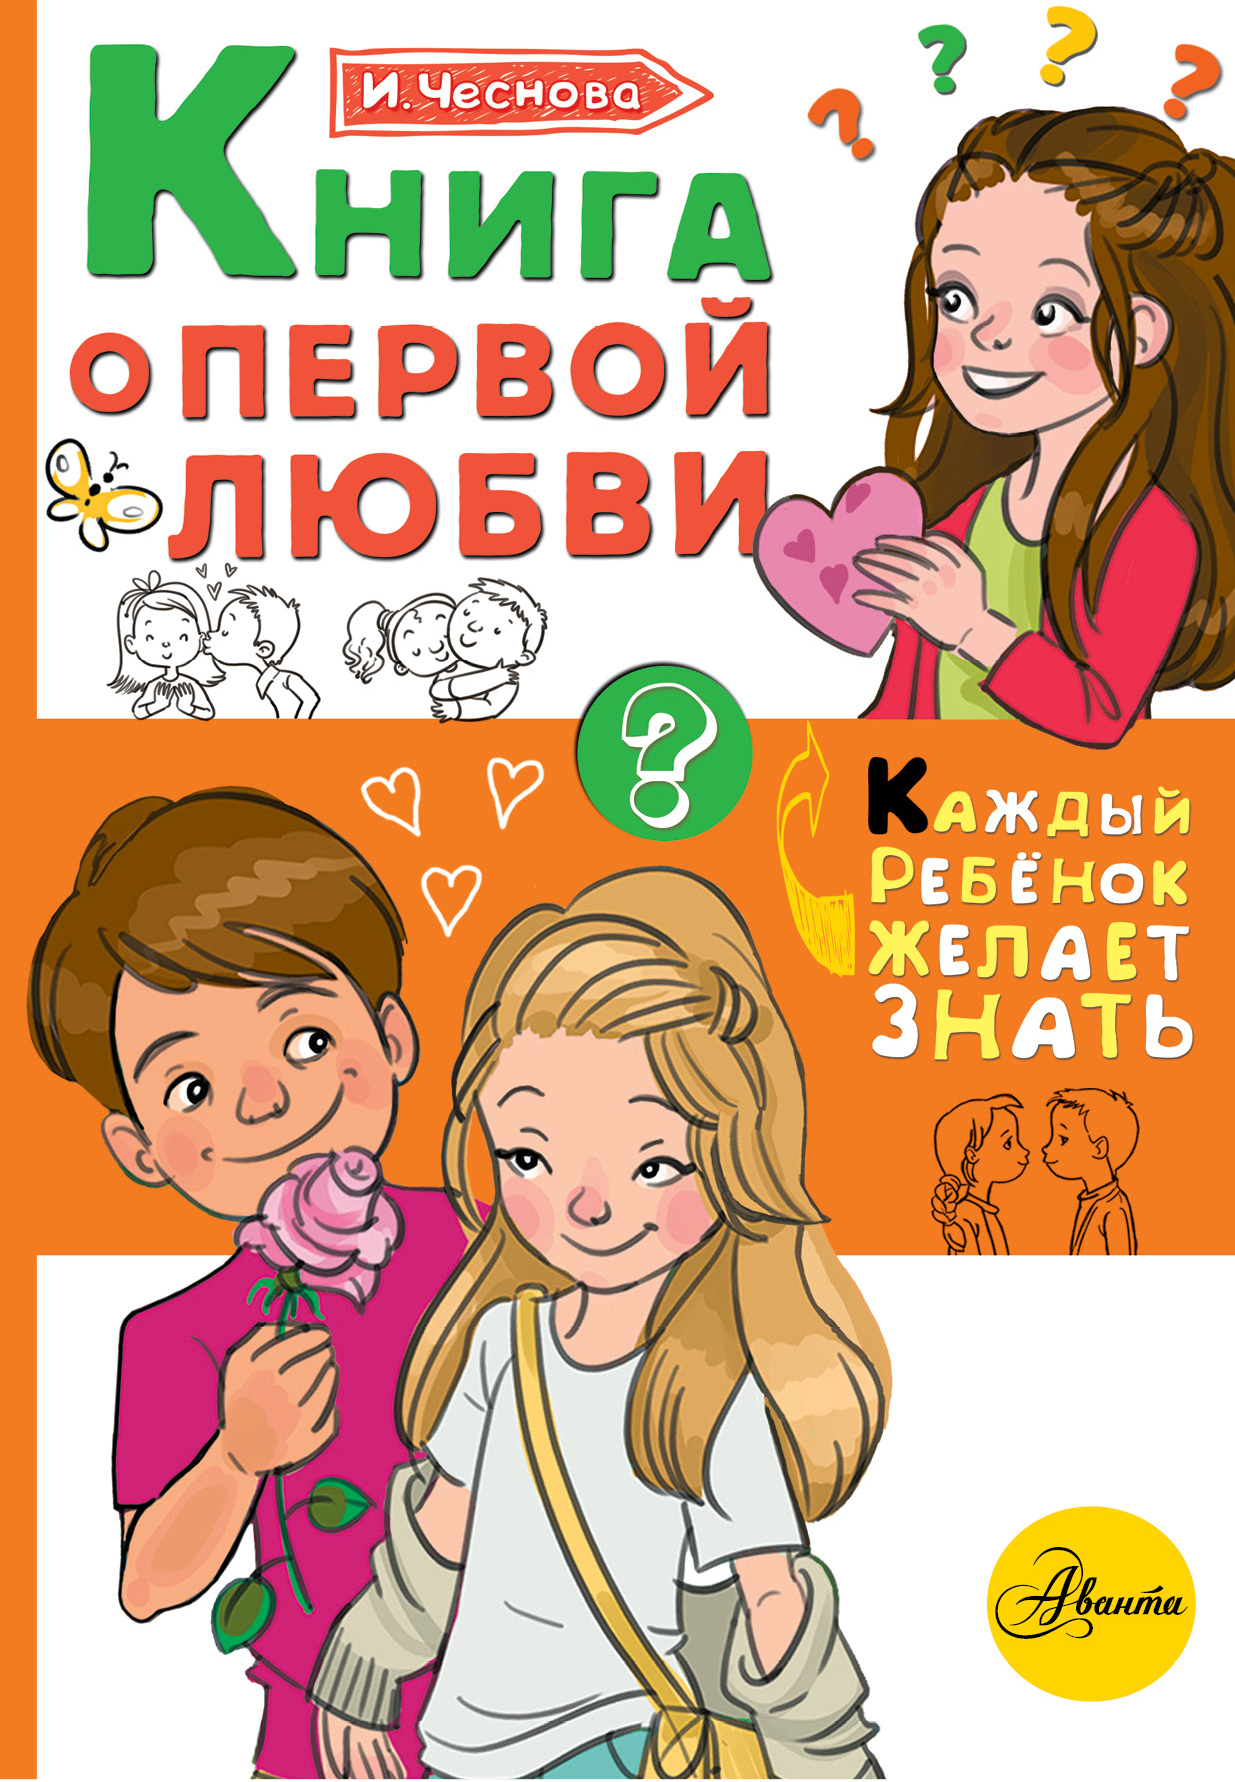 Ирина Чеснова Книга о первой любви и е чеснова книга о первой любви